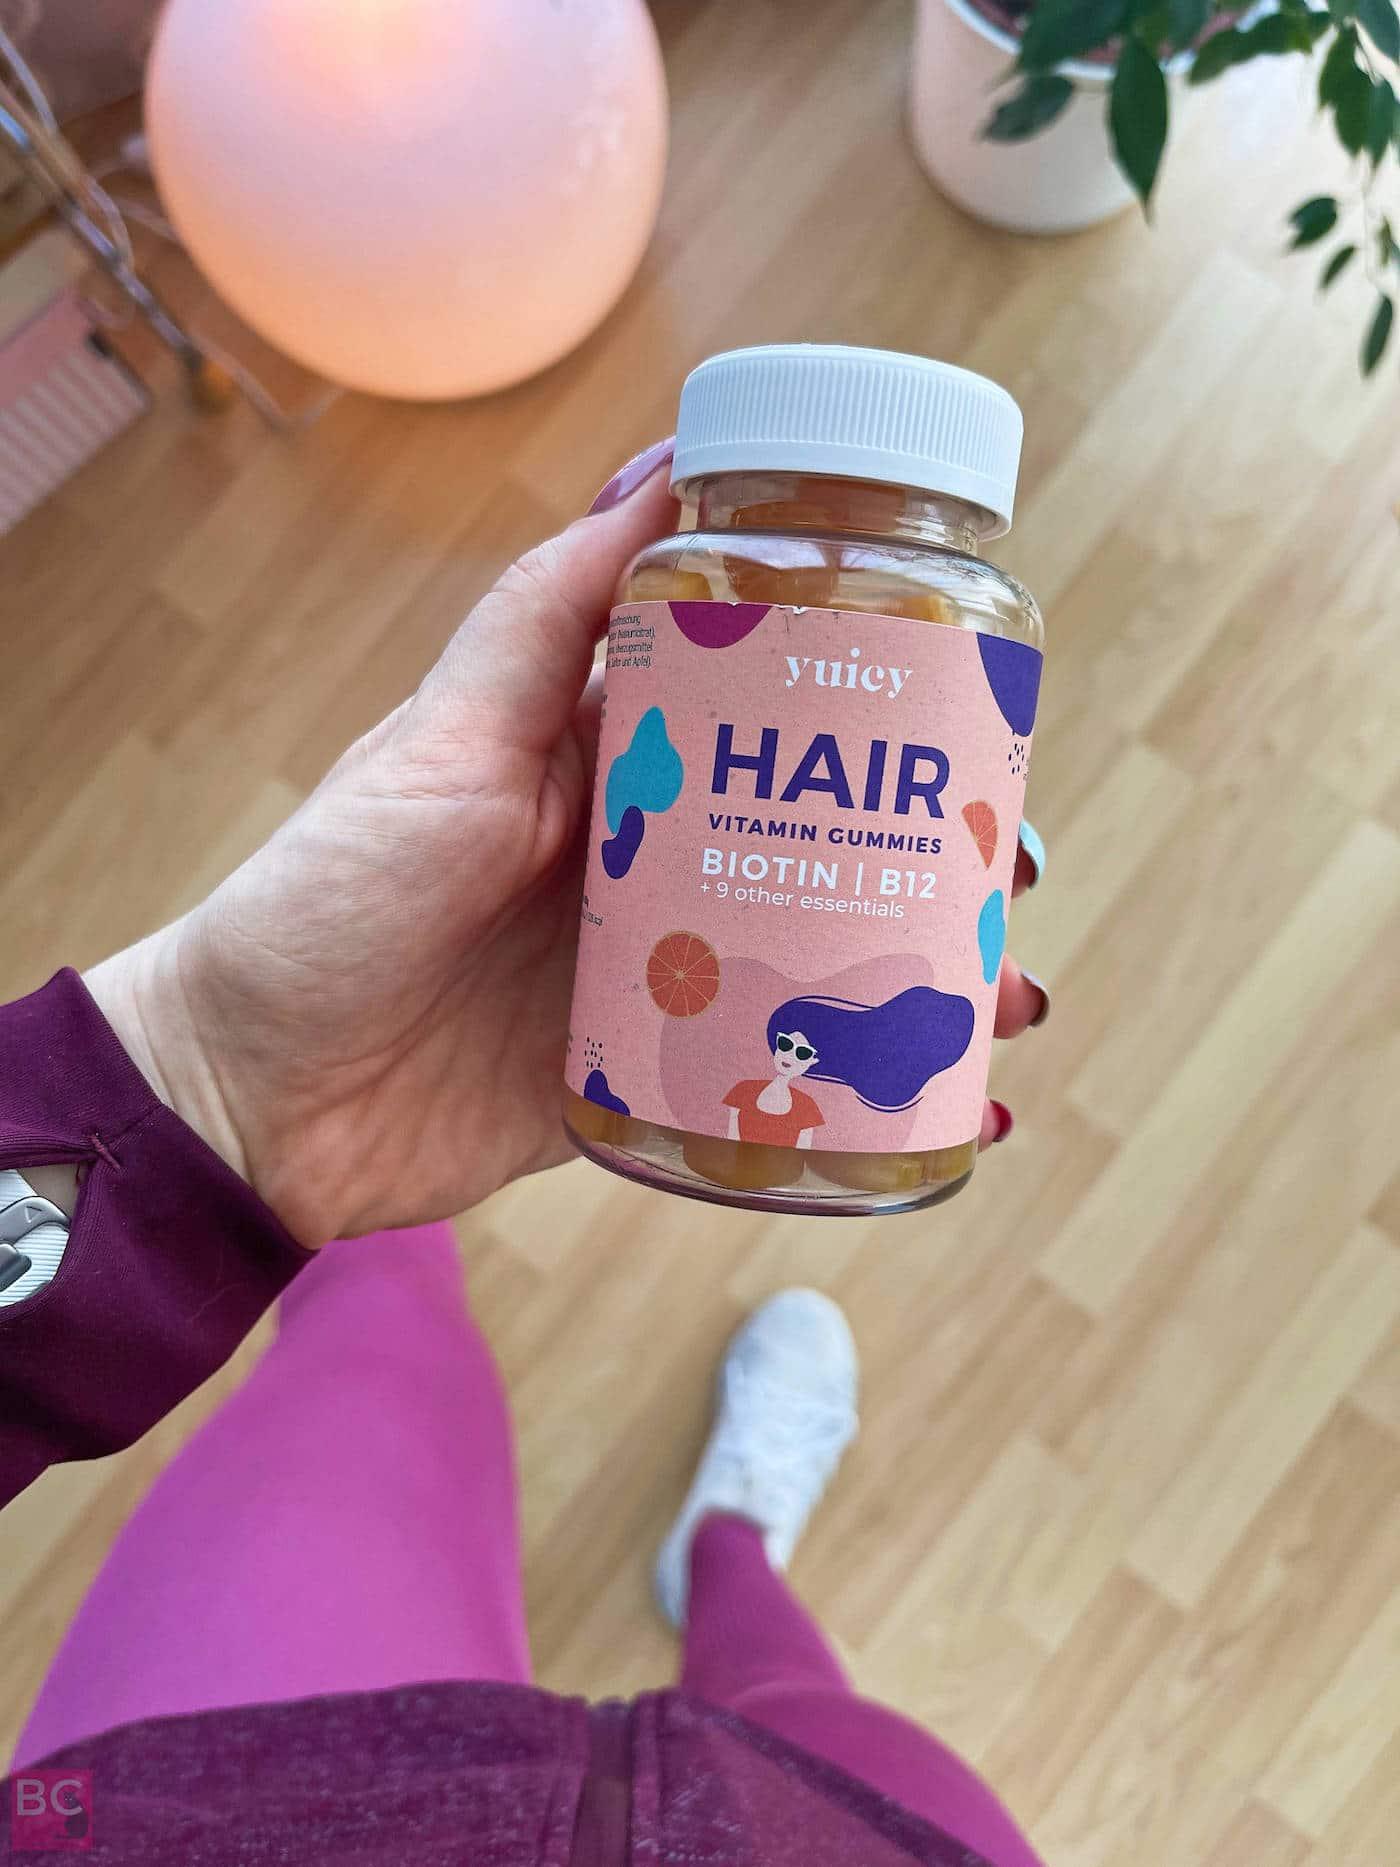 YUICY Erfahrungen Vitamingums Vitamingummies 90 Tage Hair Kur